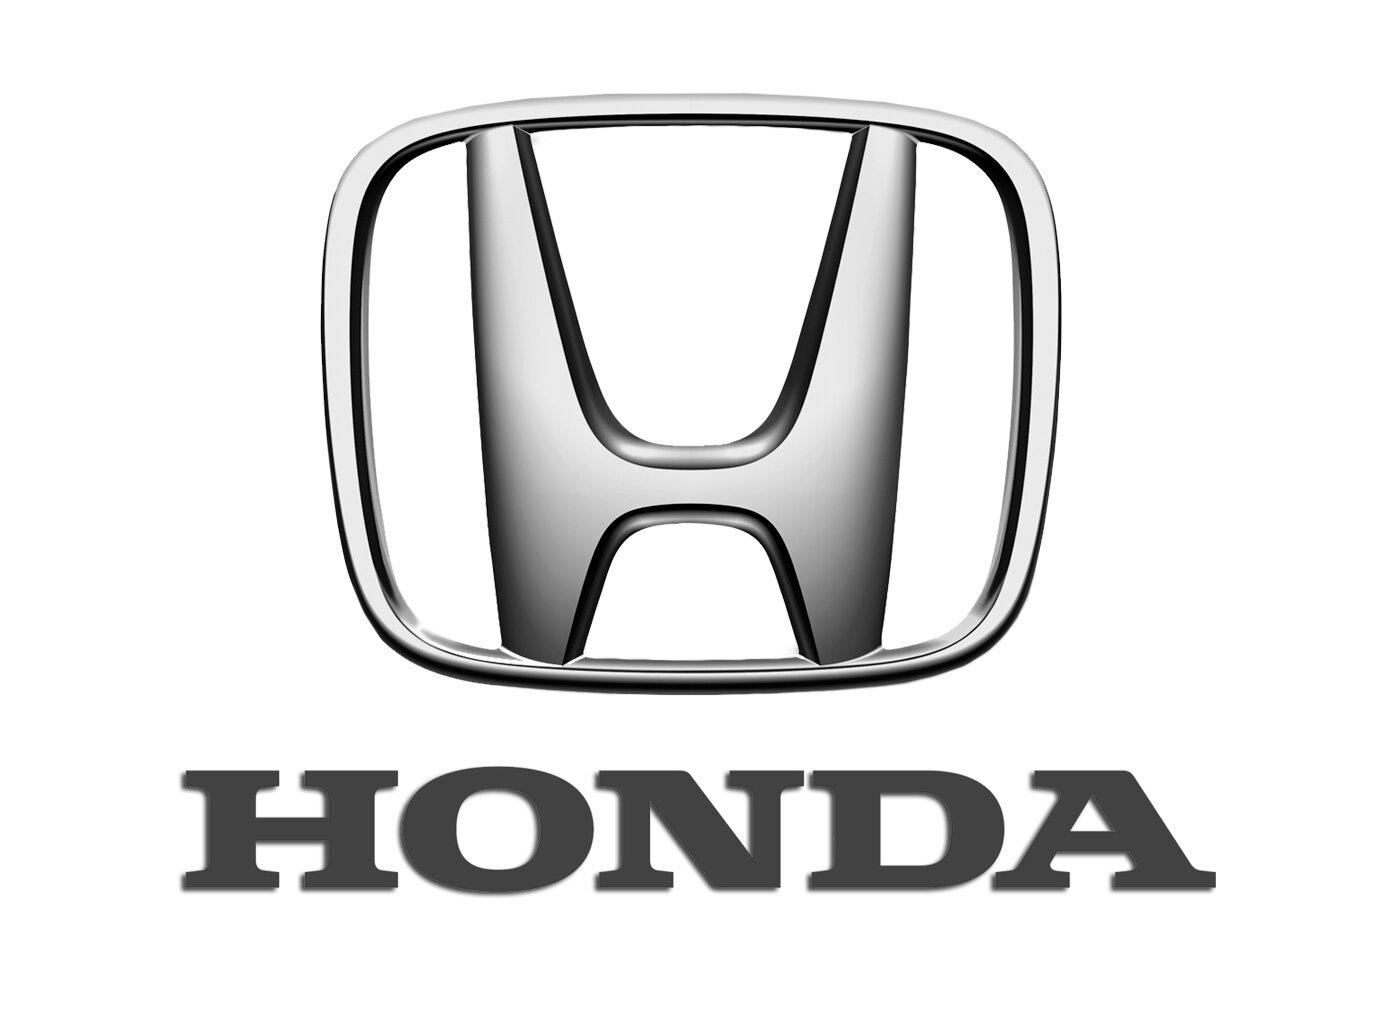 Bảng giá xe ô tô Honda cập nhật thị trường tháng 9/2015